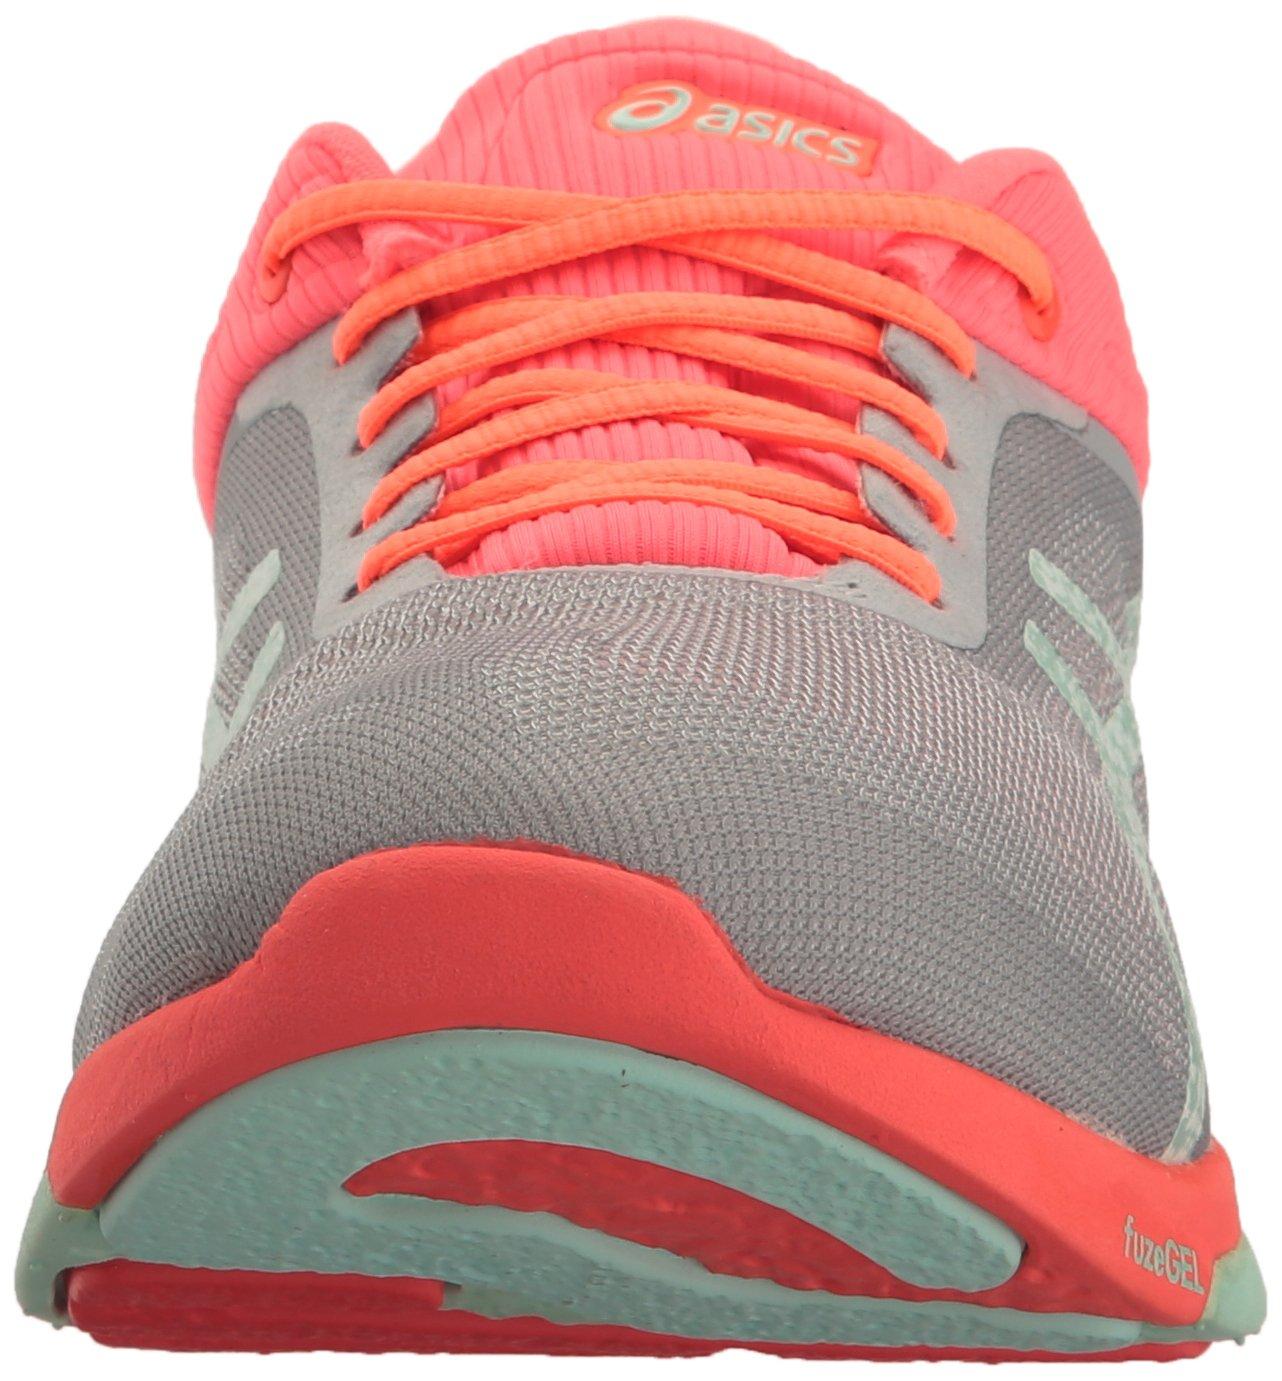 Zapato 20000 de/ ASICS/ en cours Medio d exécution Fuzex Rush par ASICS Medio 54effb0 - discover-voip.info